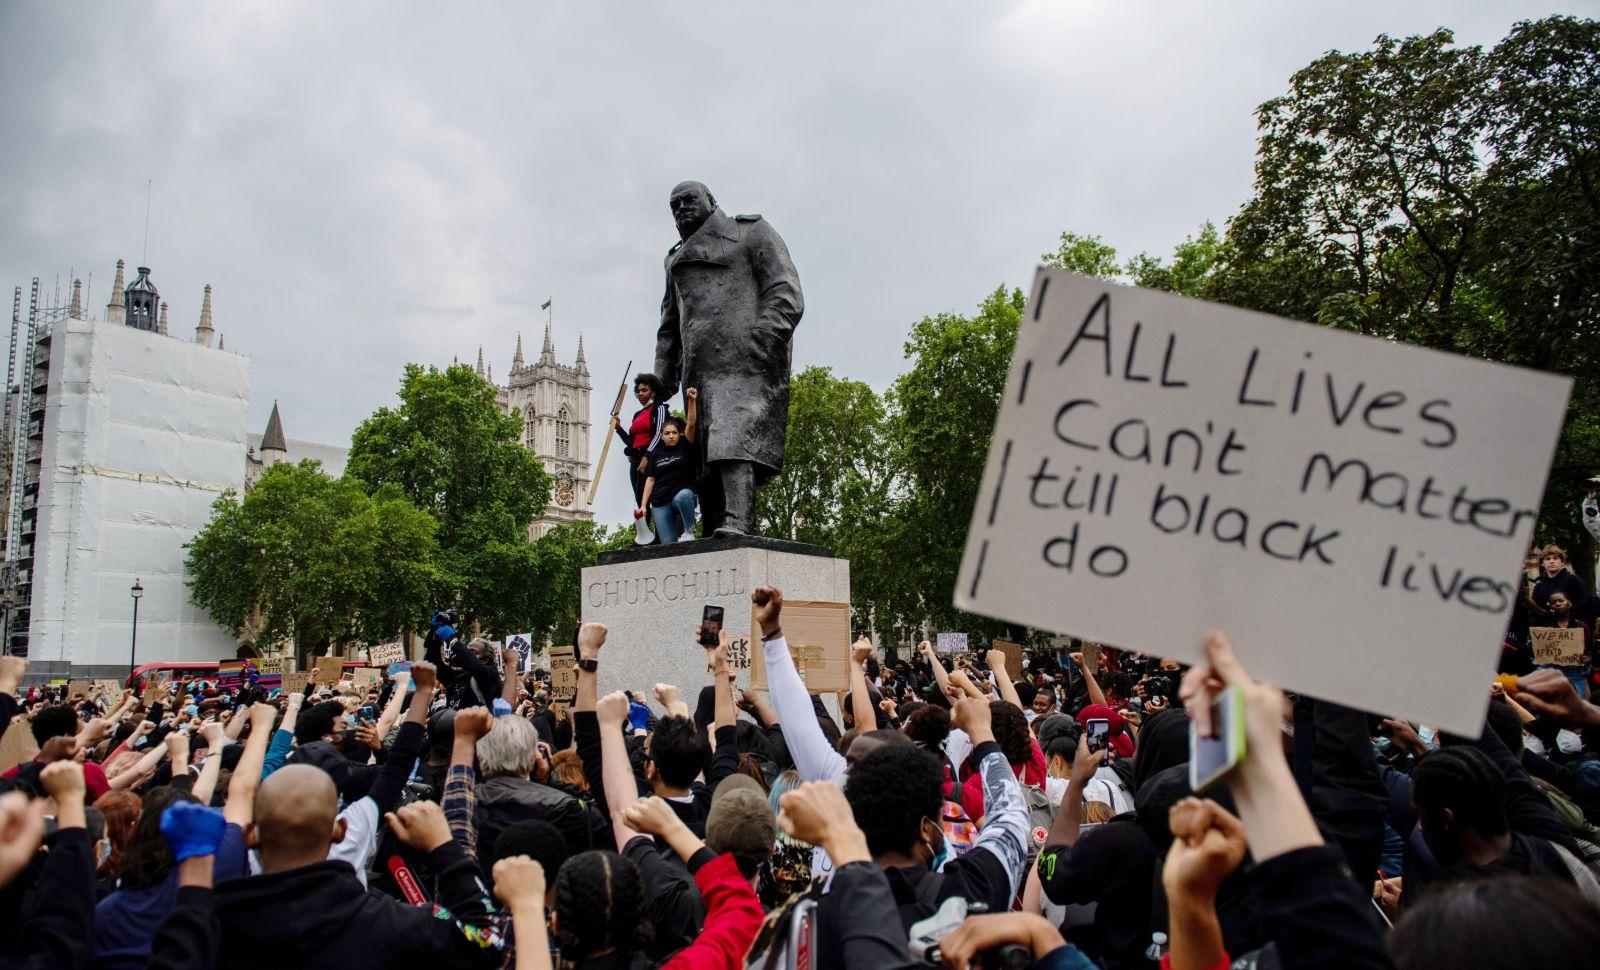 La statue de Winston Churchill, sur Parliament Square à Londres, vandalisée par des militants antiracistes, 3 juin 2020. © Manuel Balce Ceneta/AP/SIPA